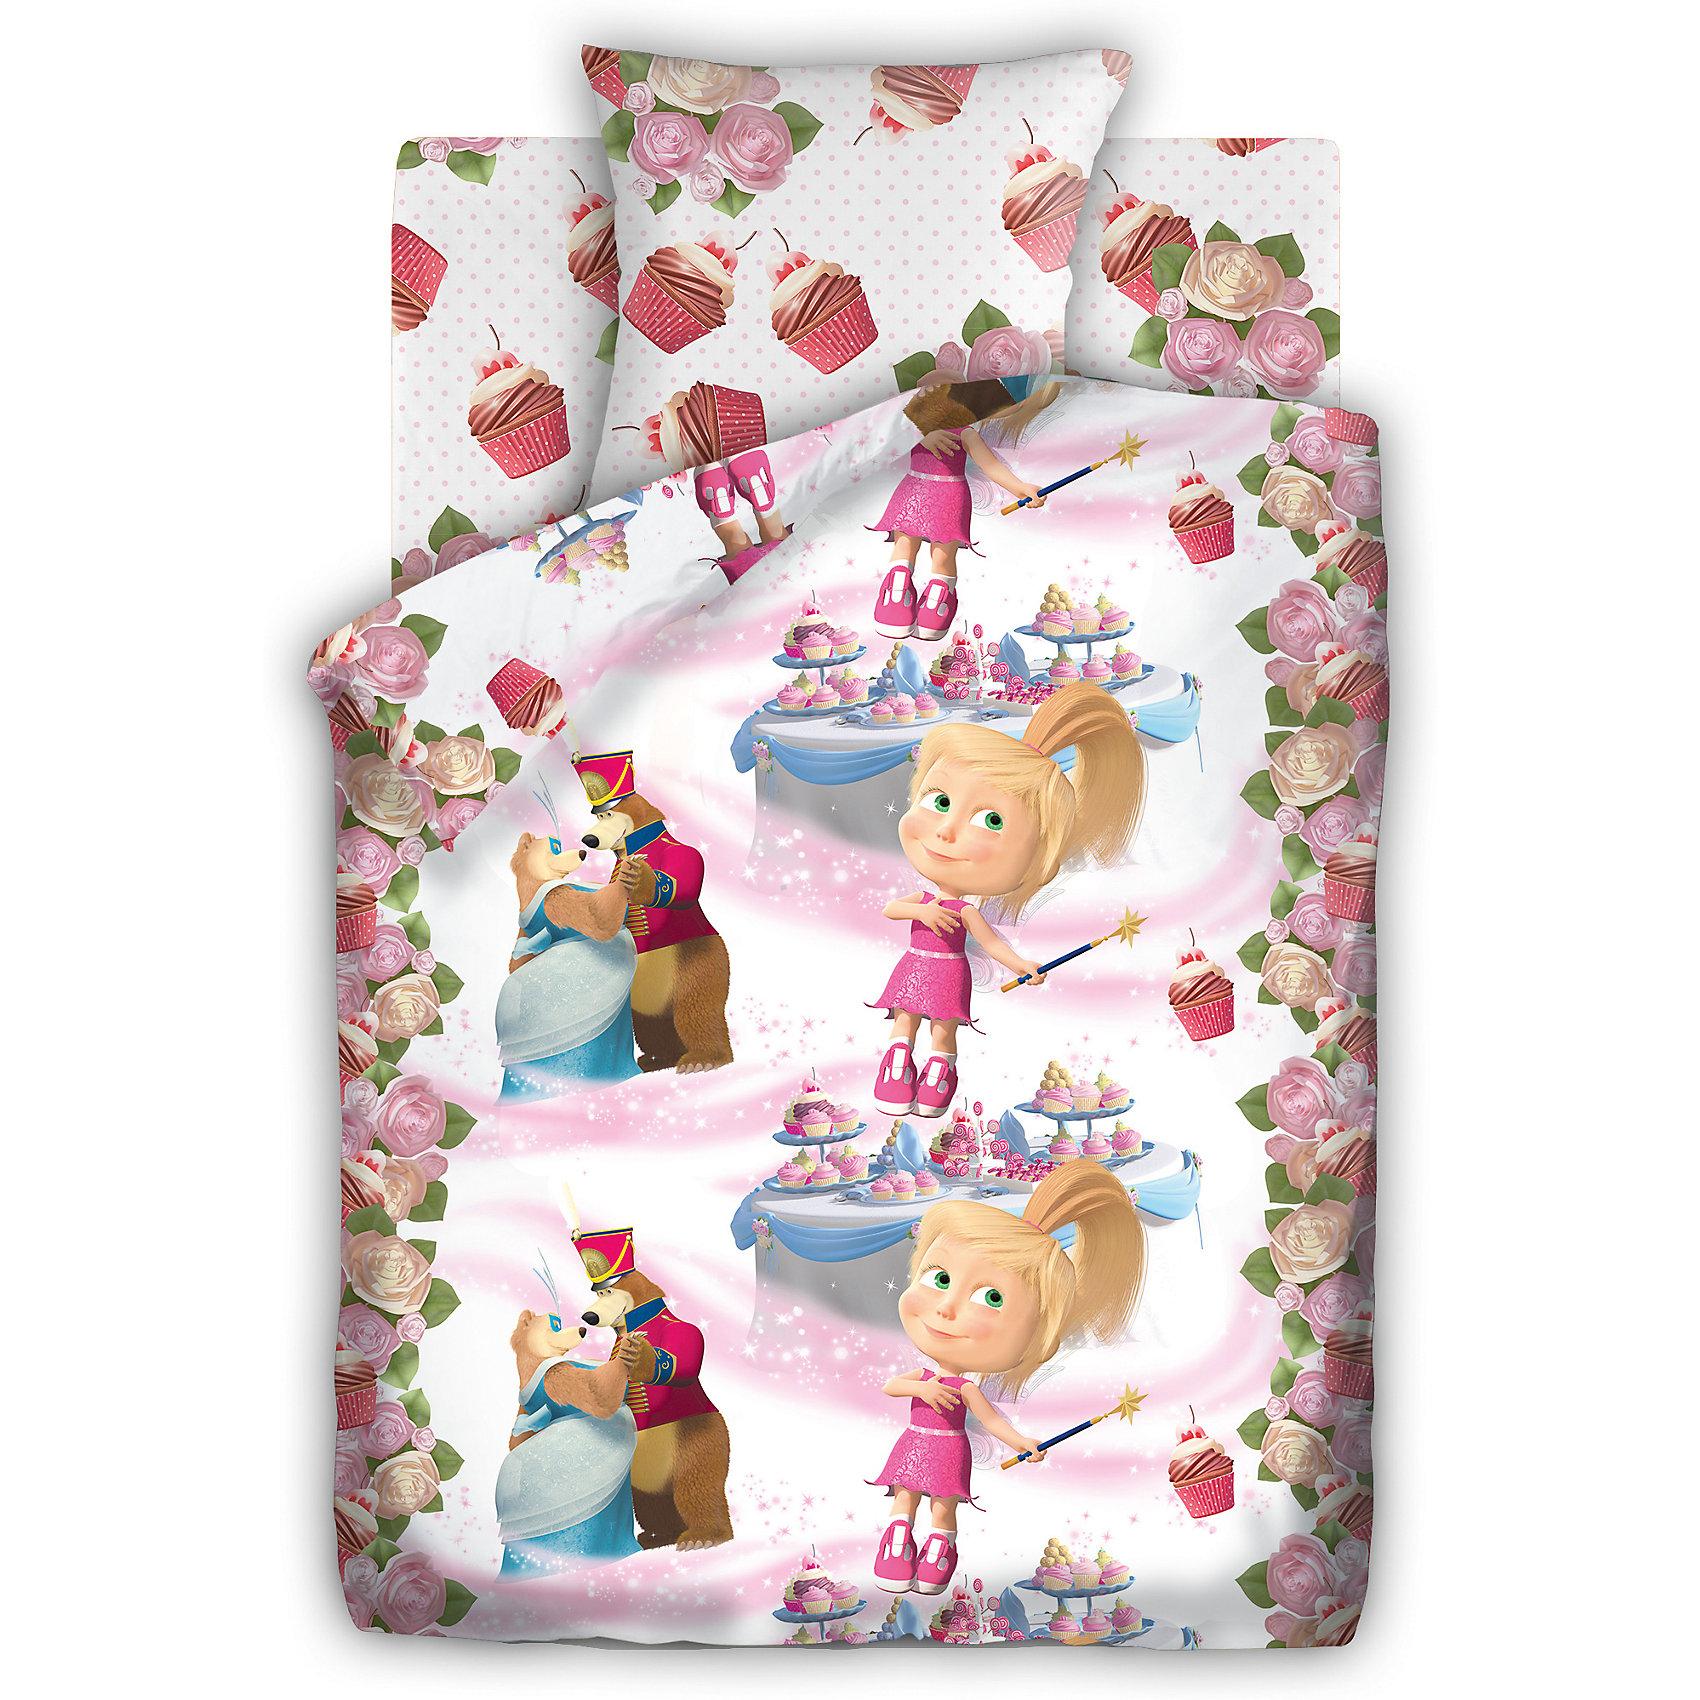 Постельное белье 1,5 Праздник, бязь, Маша и Медведь (нав 70*70)Маша и Медведь<br>Постельное белье 1,5 Праздник, бязь, Маша и Медведь (нав 70*70)<br><br>Характеристики:<br><br>• пропускает воздух<br>• выводит лишнюю влагу<br>• обеспечивает комфортный сон<br>• красочный дизайн<br>• материал: бязь<br>• состав: 100% хлопок<br>• в комплекте: наволочка, простынь, пододеяльник<br>• размер наволочки: 70х70 см<br>• размер простыни: 214х150 см<br>• размер пододеяльника: 215х143 см<br>• вес: 1200 грамм<br><br>Постельное белье Праздник изготовлено из бязи, отвечающей всем требованиям качества. Белье хорошо пропускает воздух и быстро впитывает влагу, обеспечивая ребенку комфорт во время сна. Комплект оформлен красочным рисунком с изображение героев мультфильма Маша и  медведь. Качественное белье - залог комфортного отдыха малыша.<br><br>Постельное белье 1,5 Праздник, бязь, Маша и Медведь (нав 70*70) вы можете купить в нашем интернет-магазине.<br><br>Ширина мм: 500<br>Глубина мм: 250<br>Высота мм: 500<br>Вес г: 1200<br>Возраст от месяцев: 36<br>Возраст до месяцев: 216<br>Пол: Женский<br>Возраст: Детский<br>SKU: 5569312